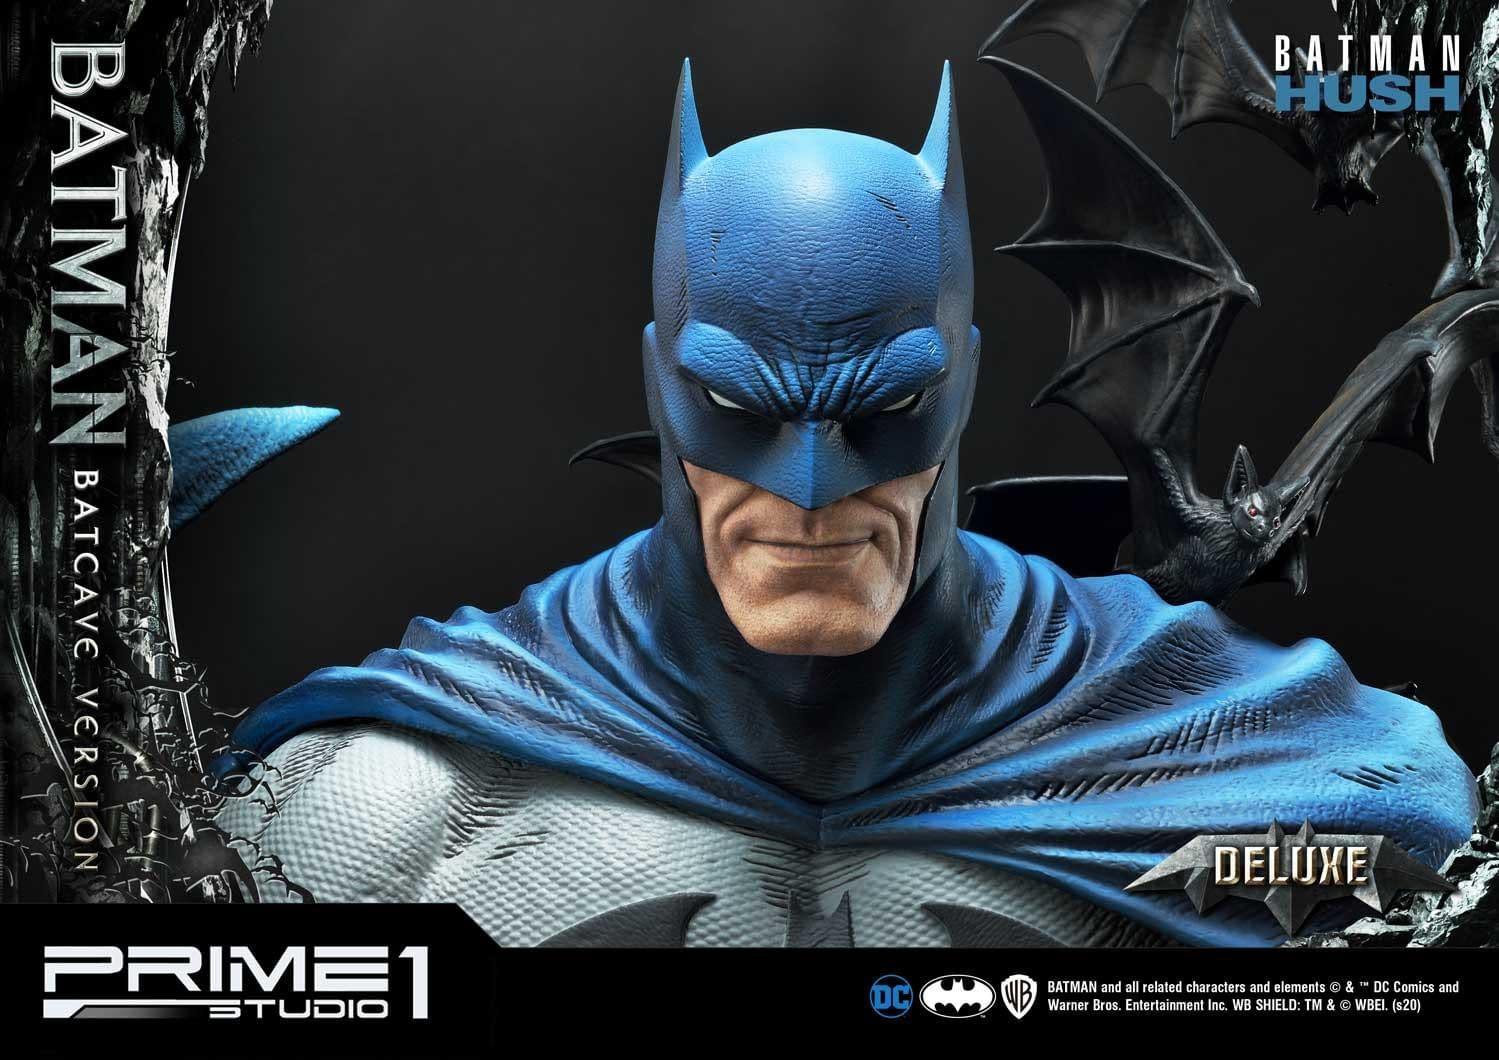 Prime-1-Batman-Batcave-Version-DX-009